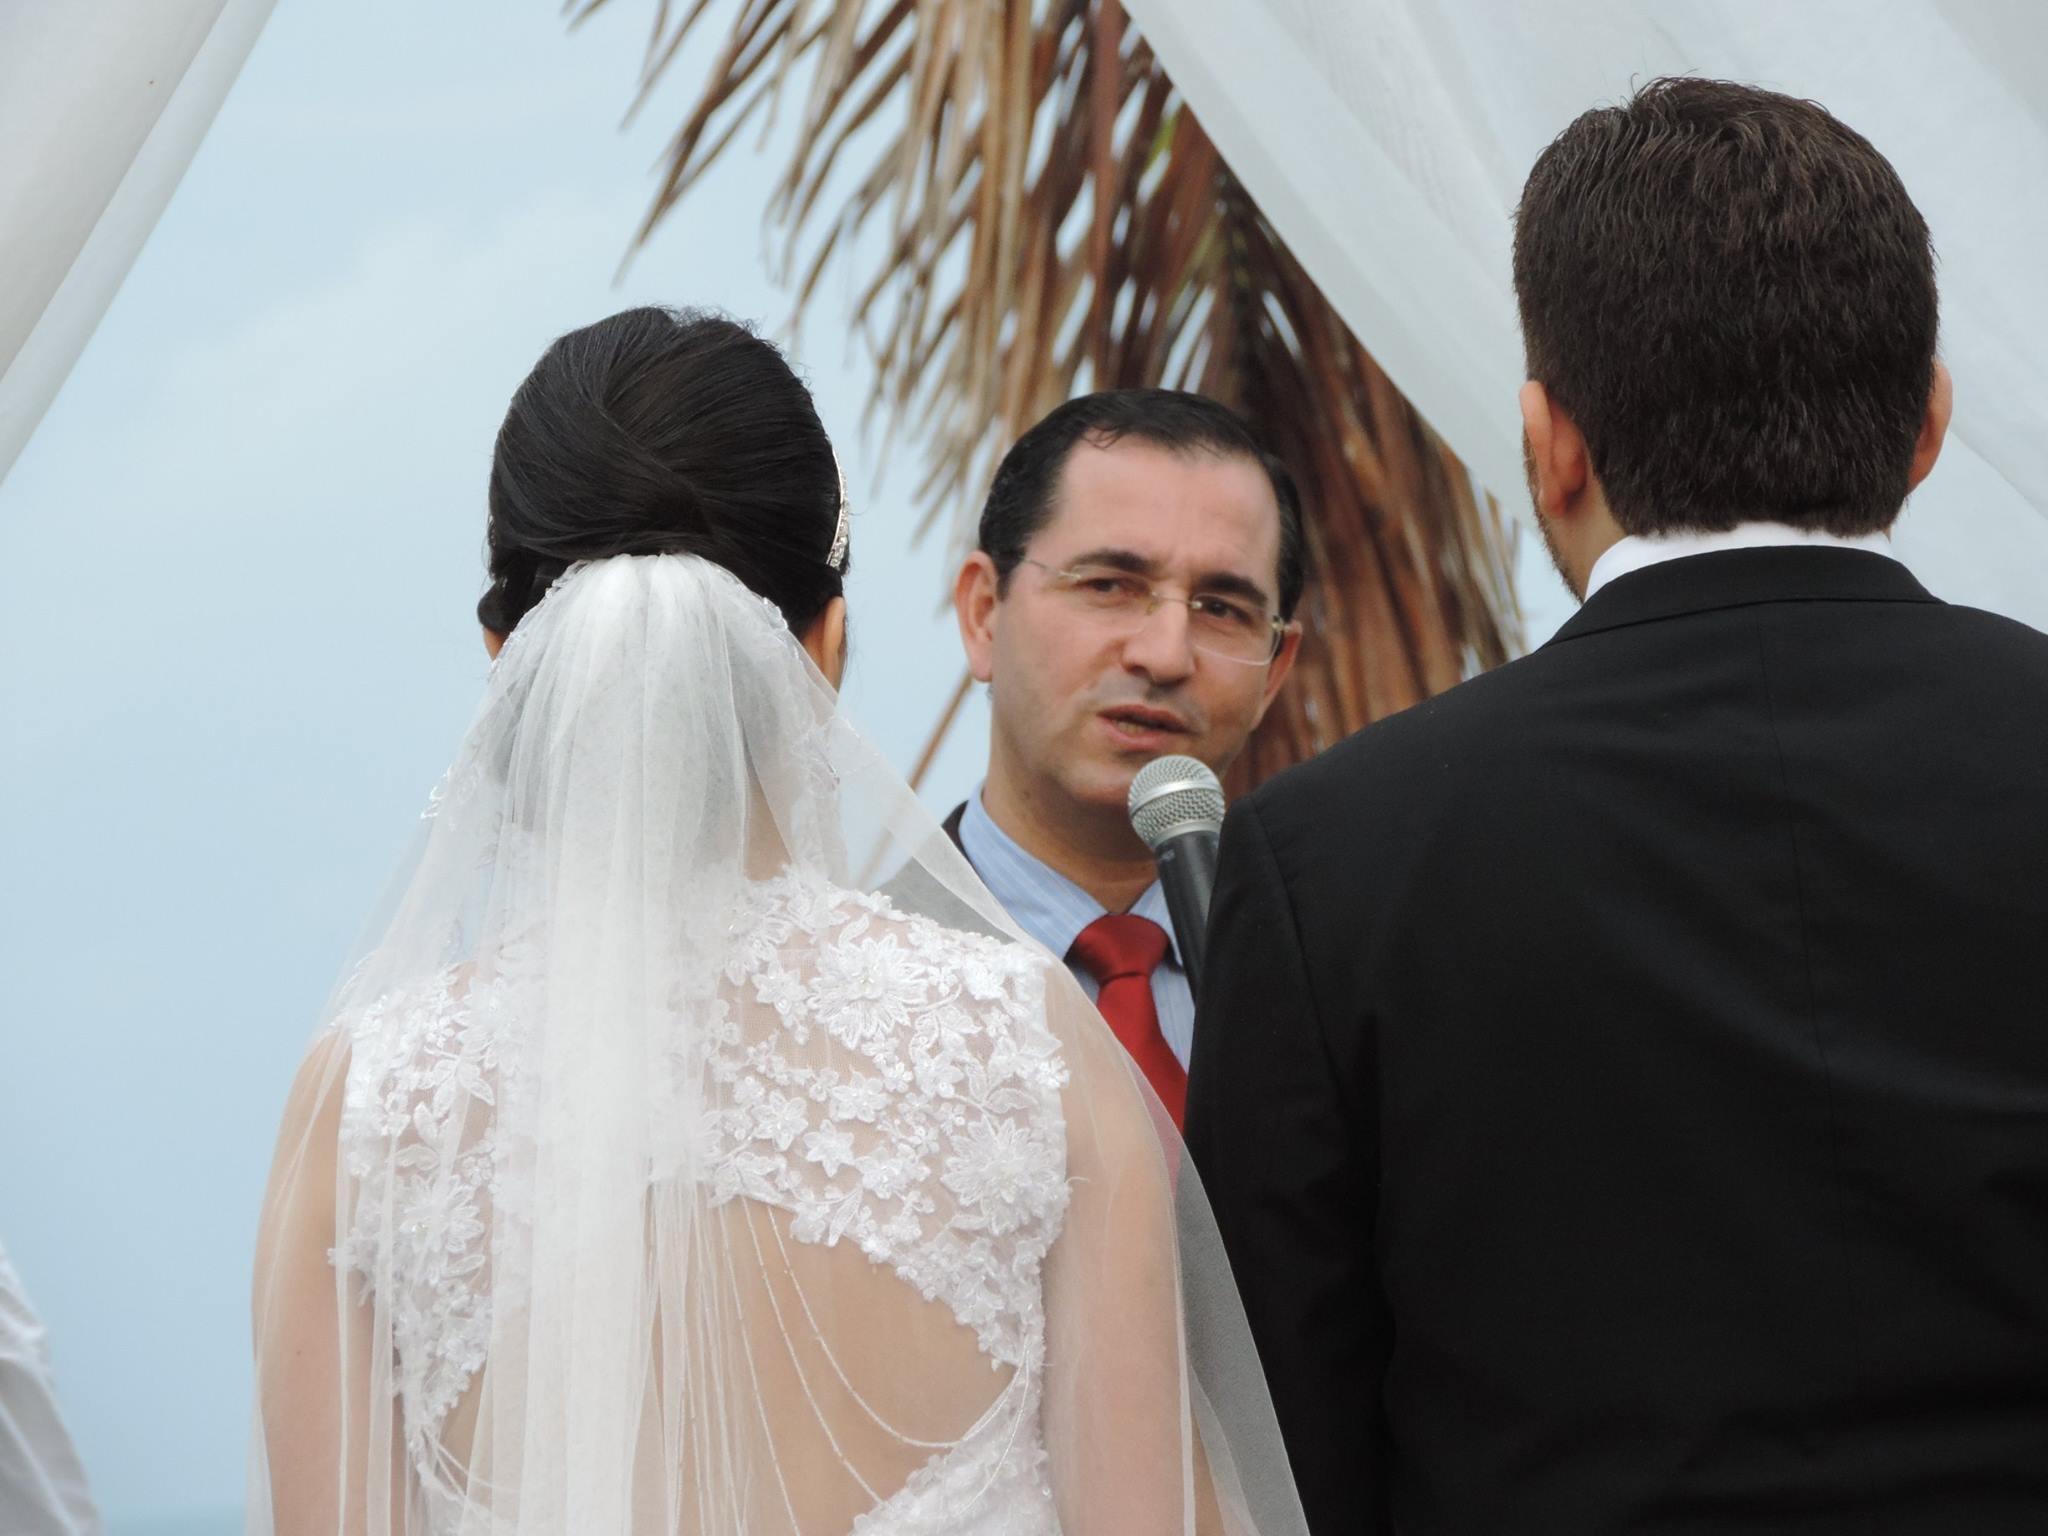 """""""Quem escolhe meu futuro cônjuge: eu ou Deus?"""", autor tira dúvidas sobre namoro cristão"""